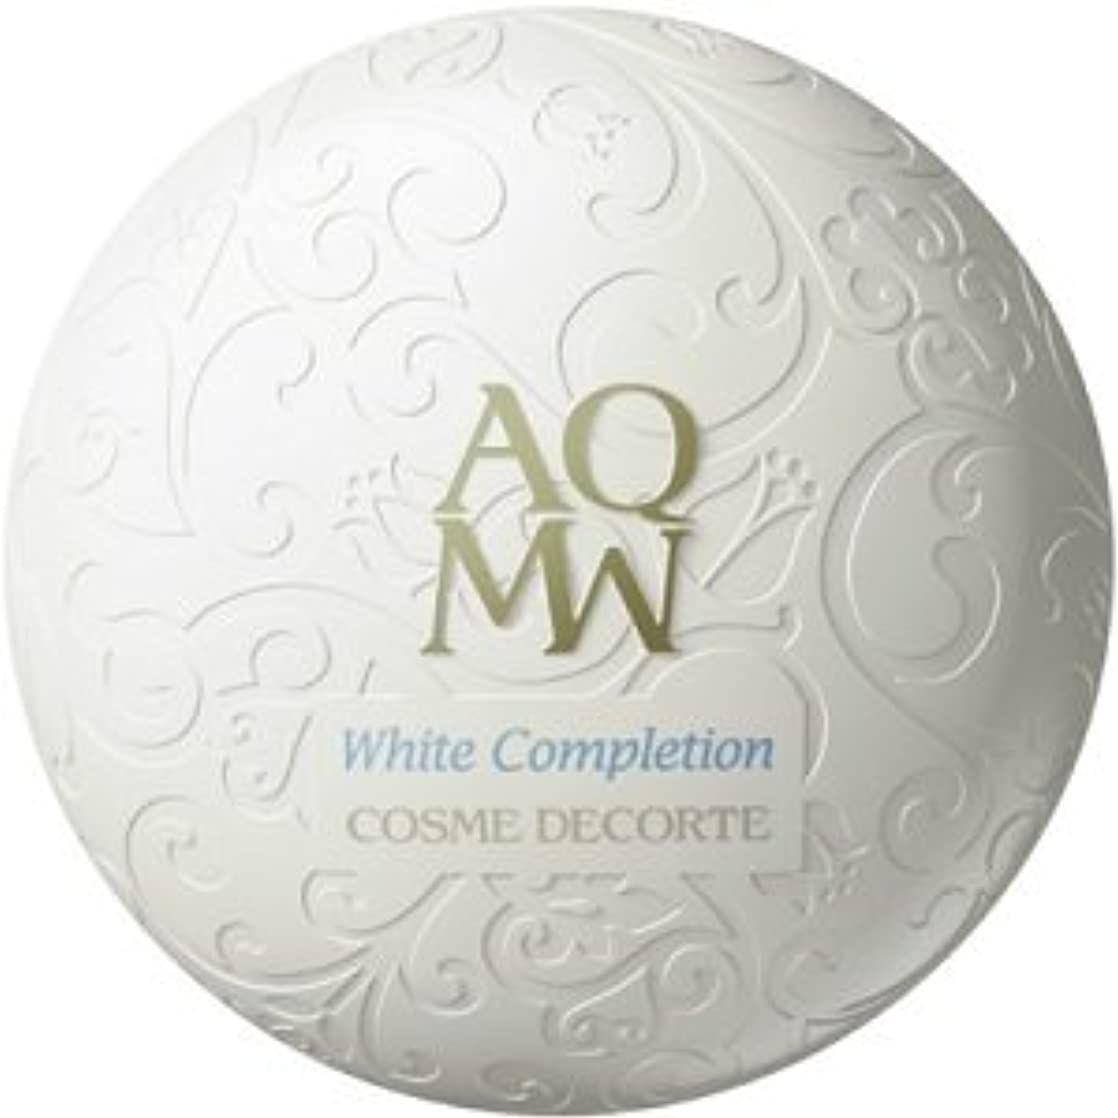 識字長くする解決するコスメデコルテ AQMW ホワイトコンプリーション 25g